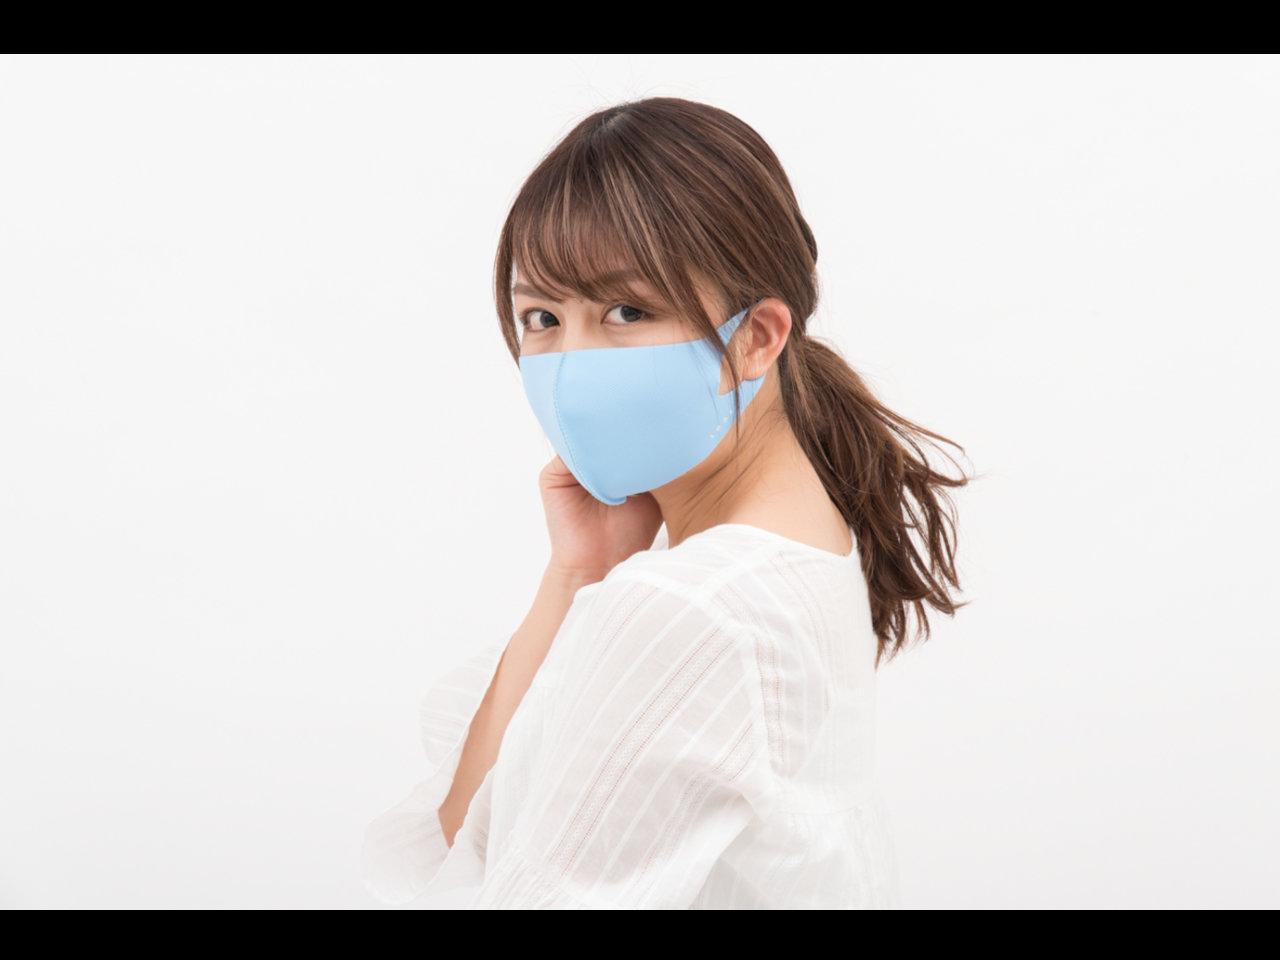 熱がこもらず長時間使用も快適な夏マスクがヴィレヴァンオンラインに新登場です。